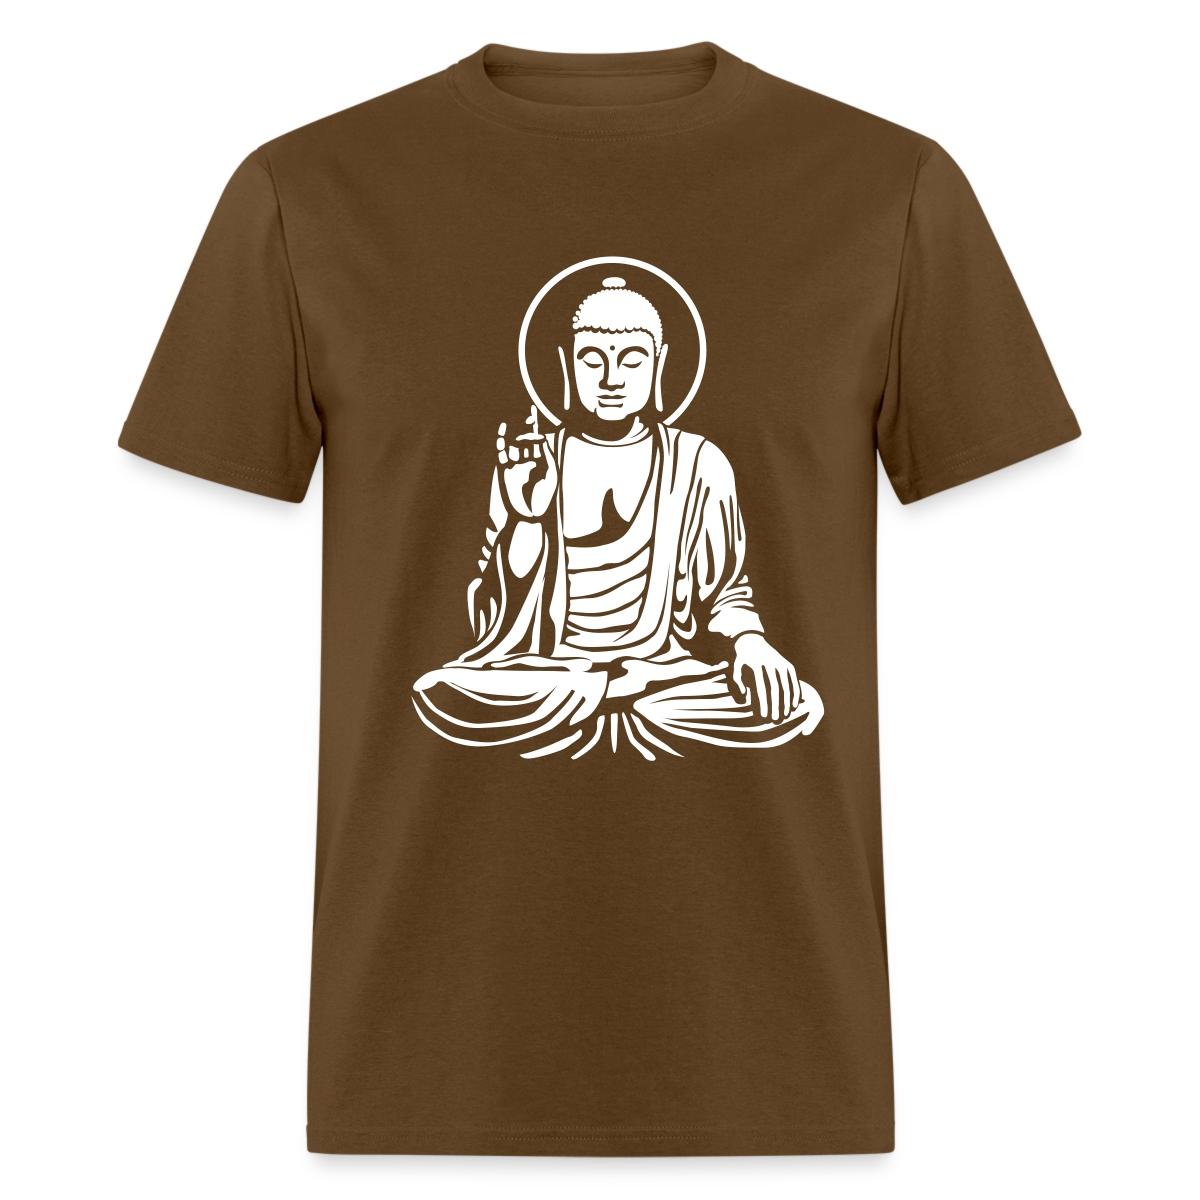 True Religion Shirt Men